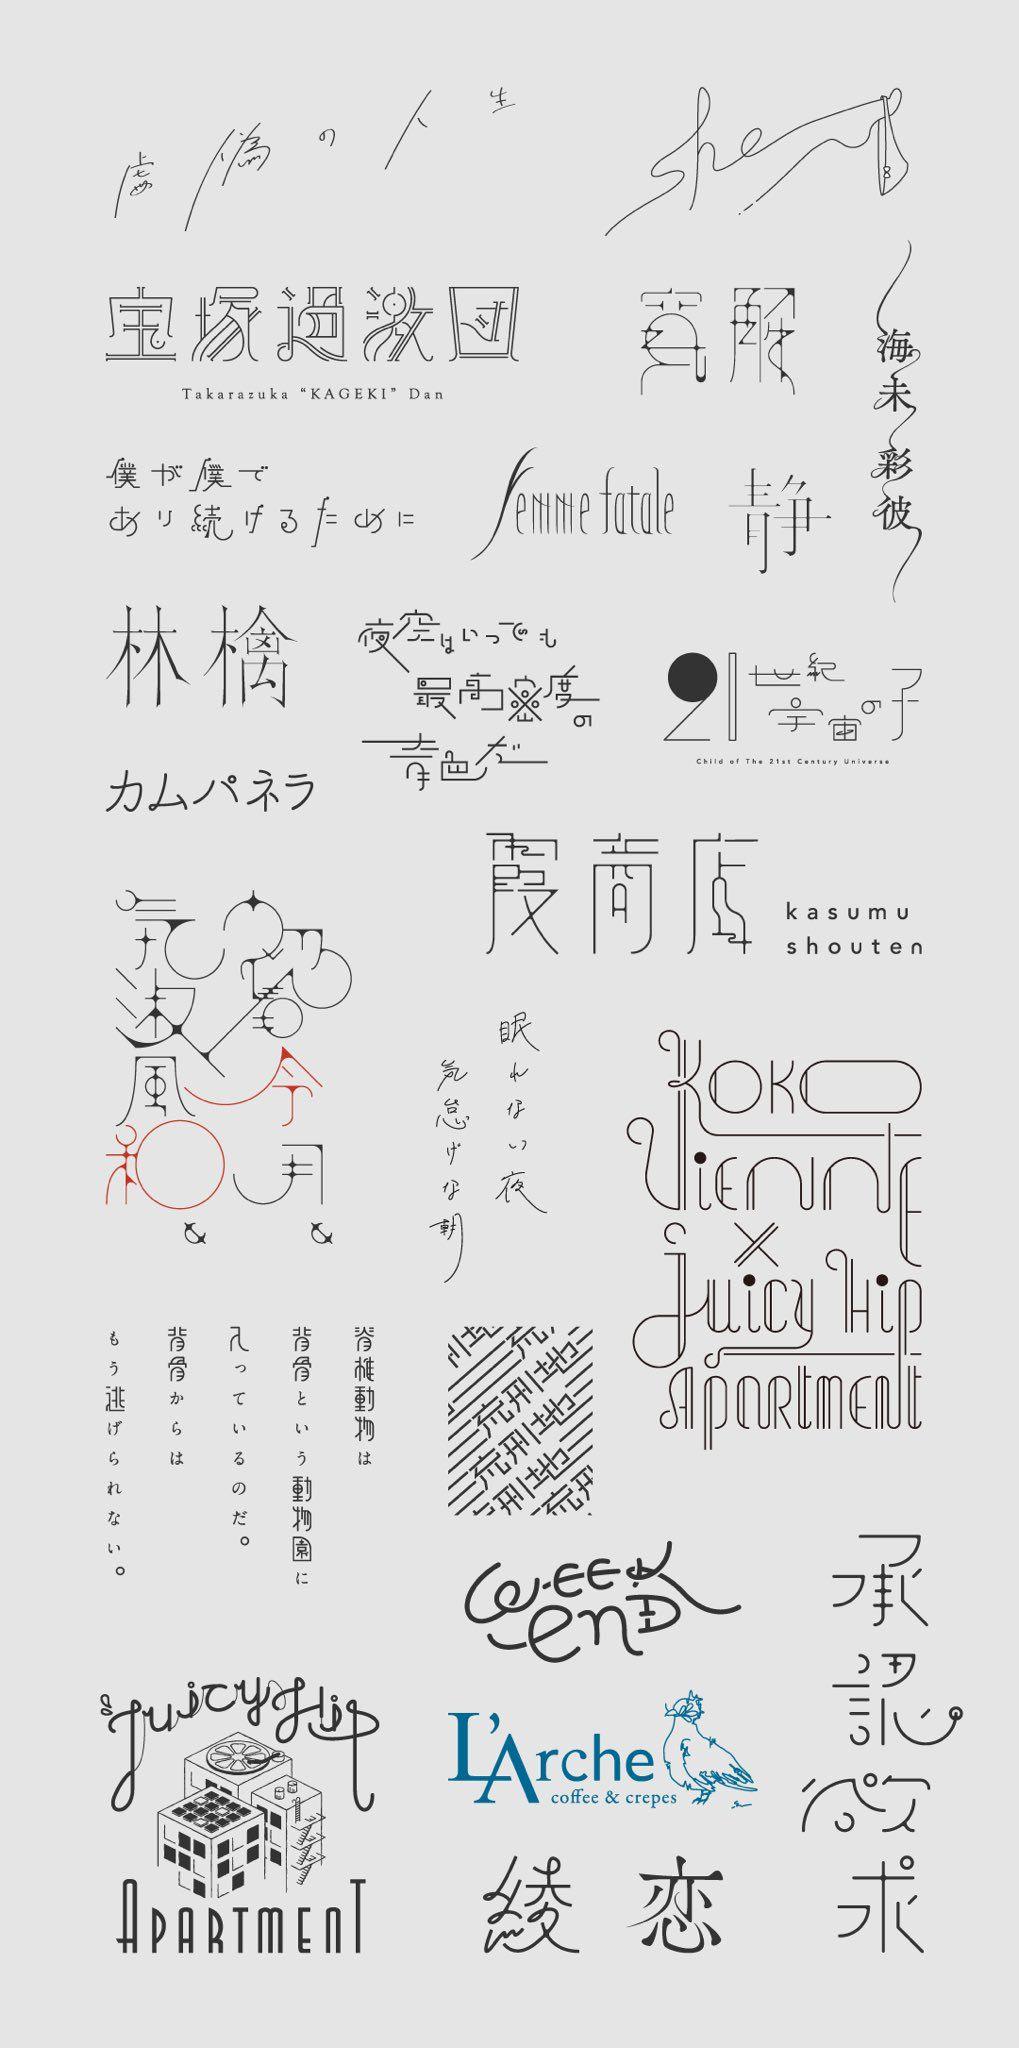 Logo ロゴタイプ おしゃれまとめの人気アイデア Pinterest Chiemi Shijo パンフレット デザイン タイポグラフィー デザイン レタリングデザイン